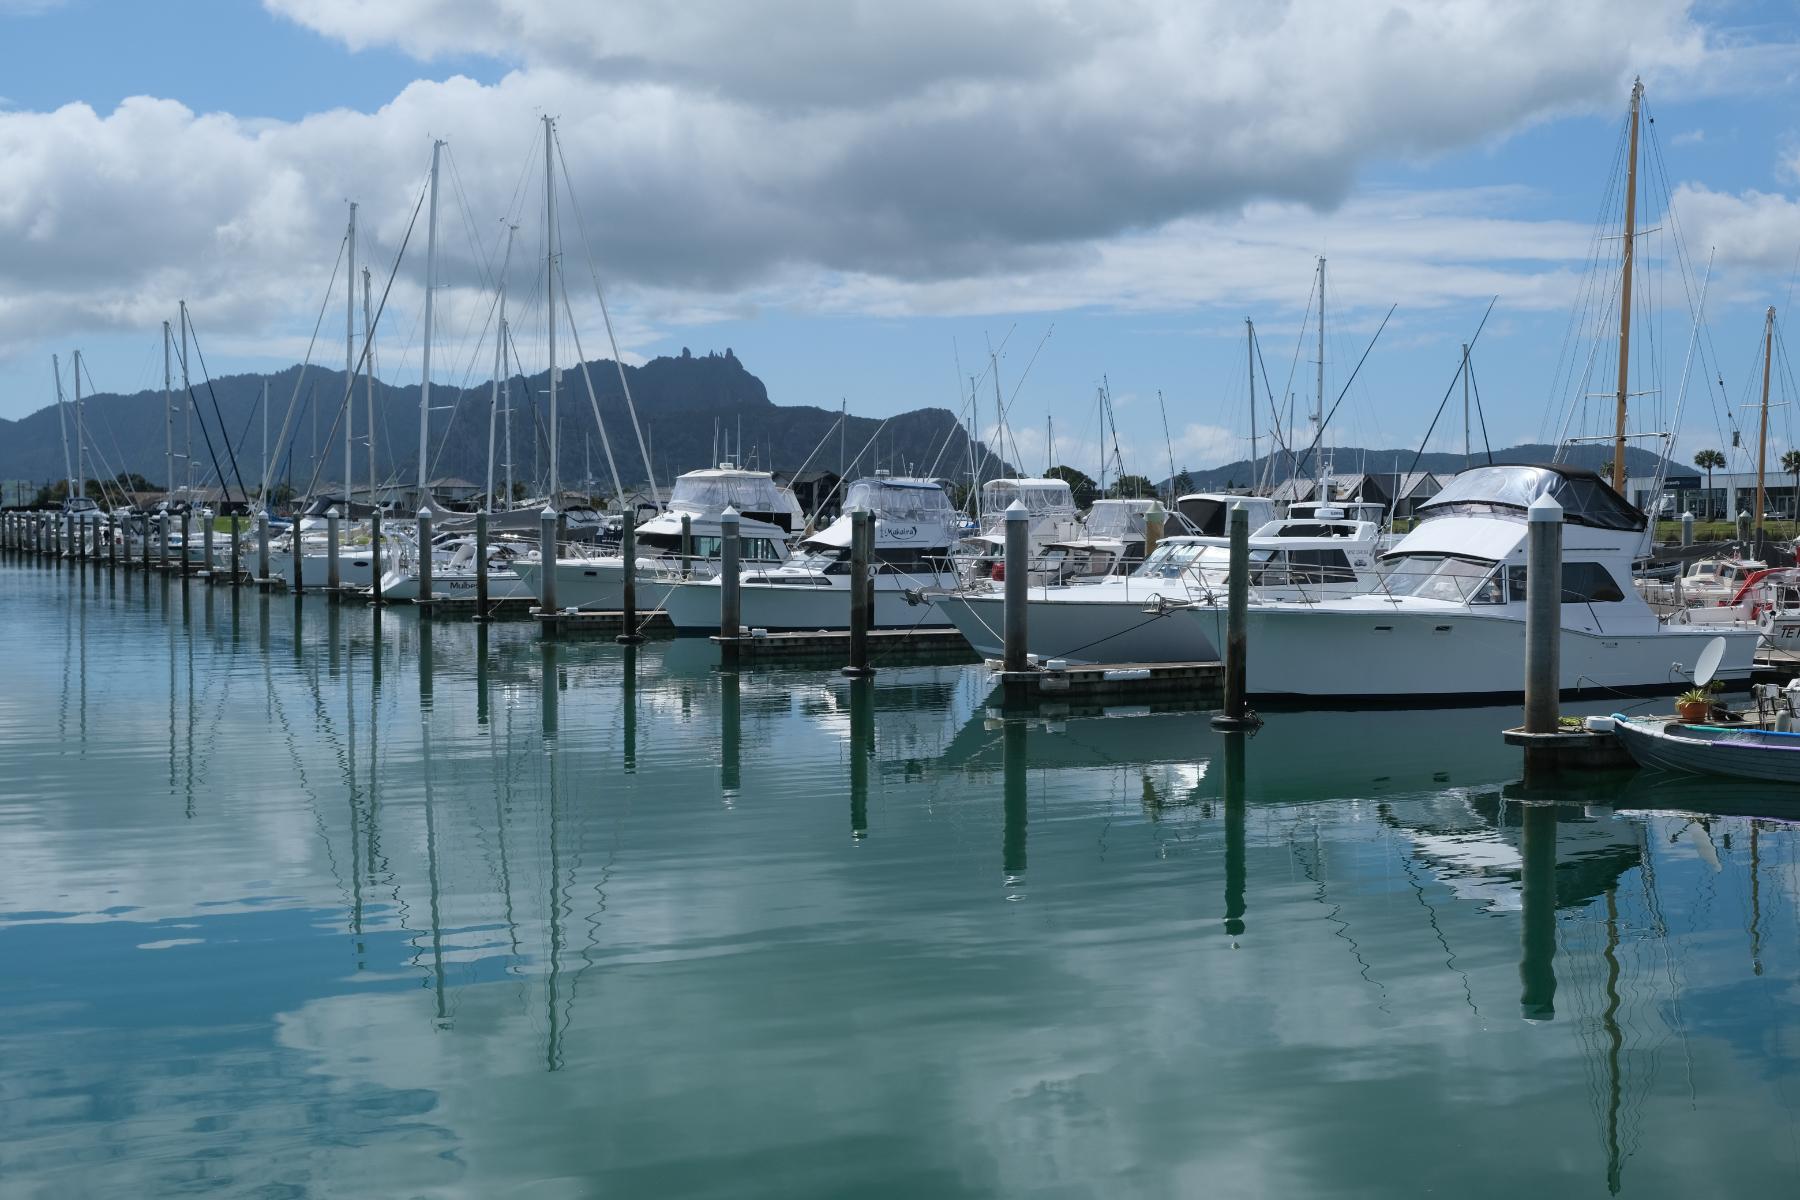 Marina in Marsden Point